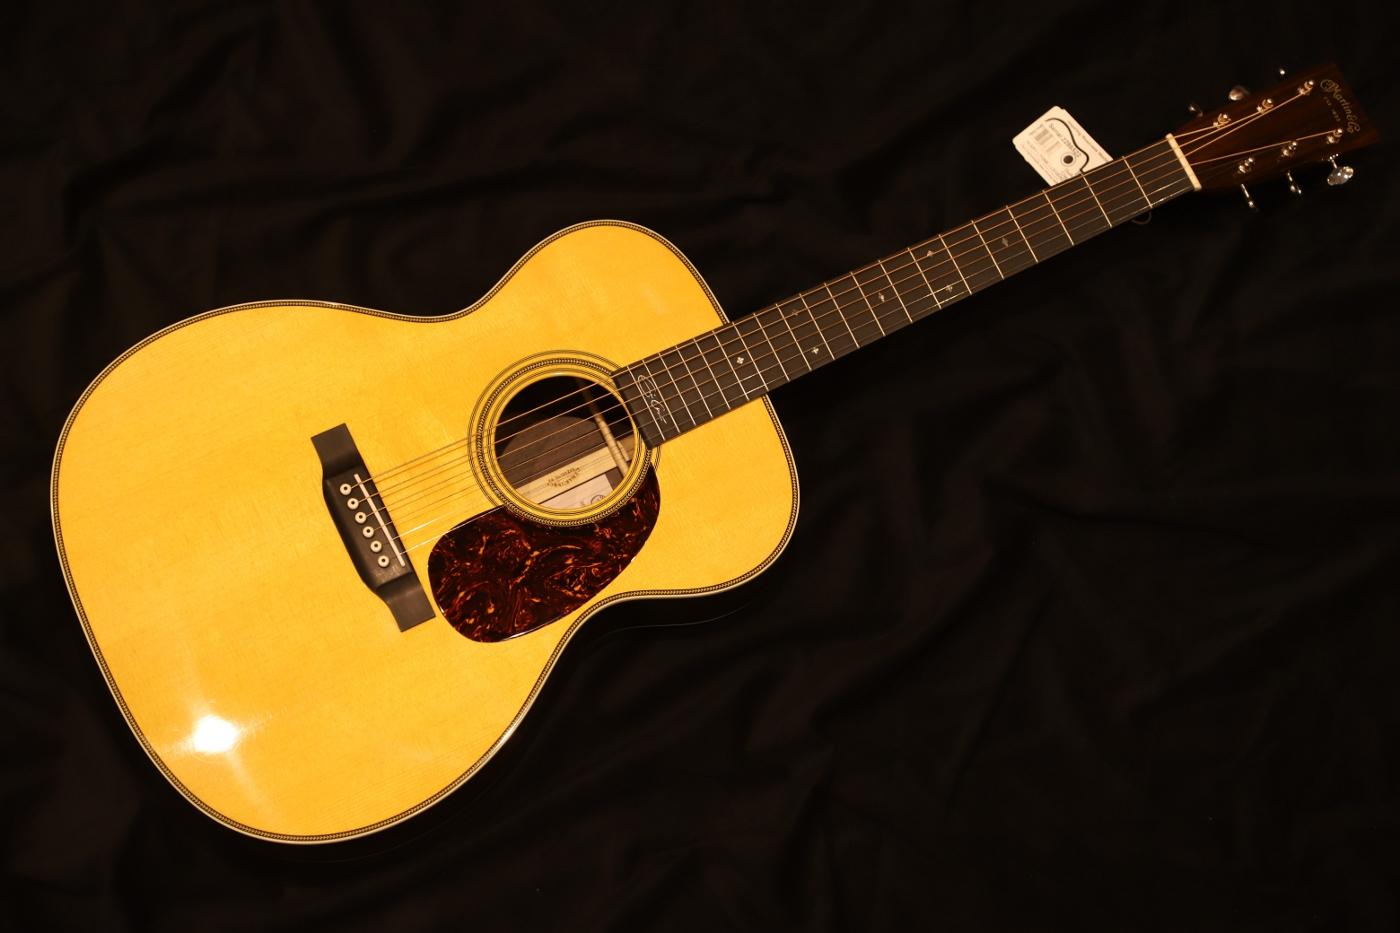 【送料無料】Martin マーチン OOO-28EC Eric Clapton Signature Model アコースティックギター/エリック・クラプトン【返品・交換不可】